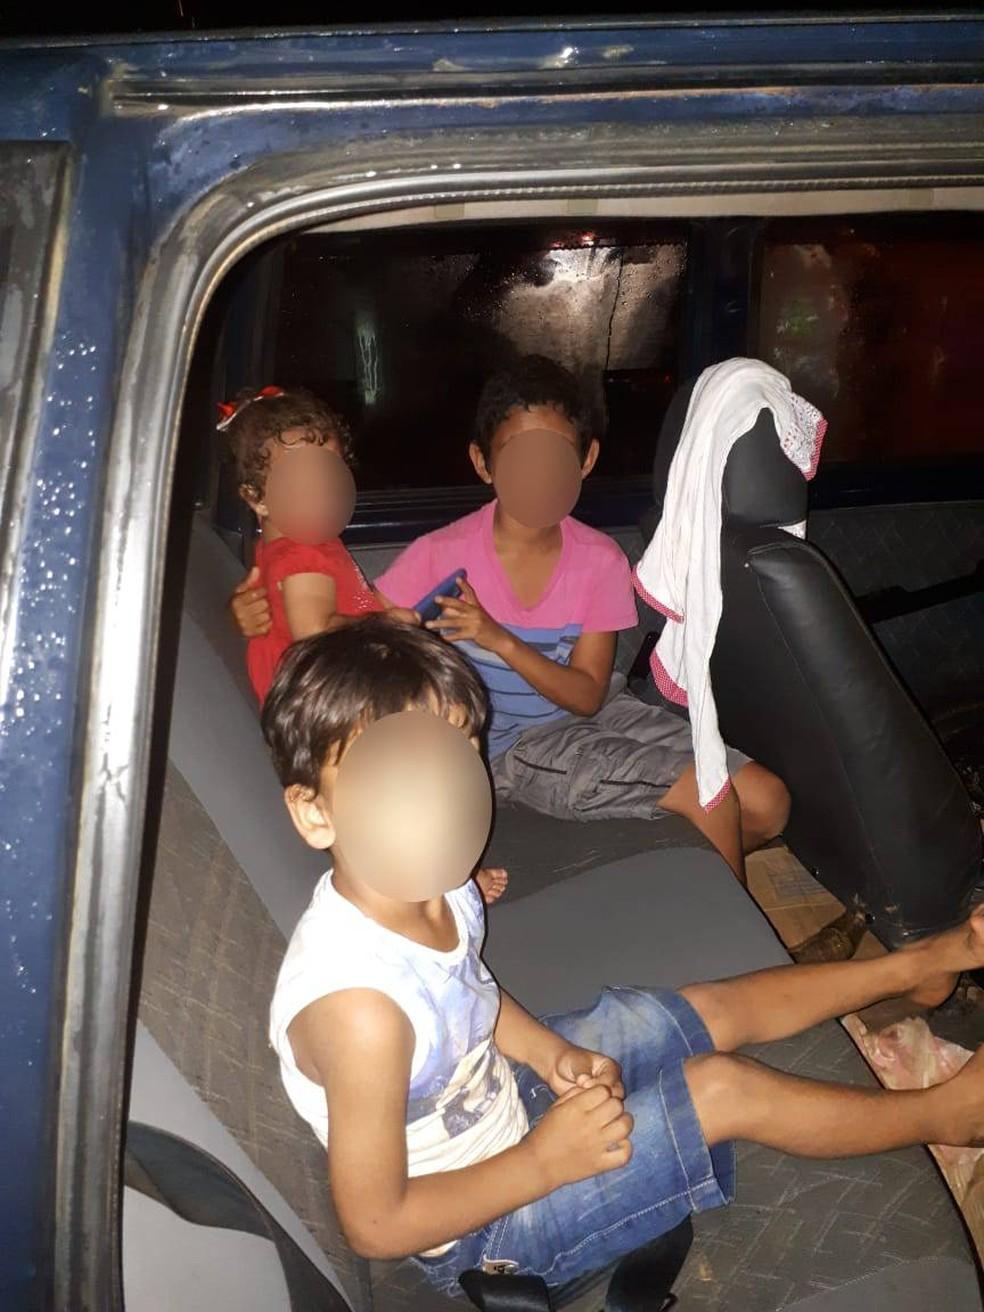 Crianças de 4 e 10 anos, e o bebê, estavam deitados no banco traseiro do automóvel, na frente da boate em Sapezal — Foto: Polícia Militar de Mato Grosso/Divulgação